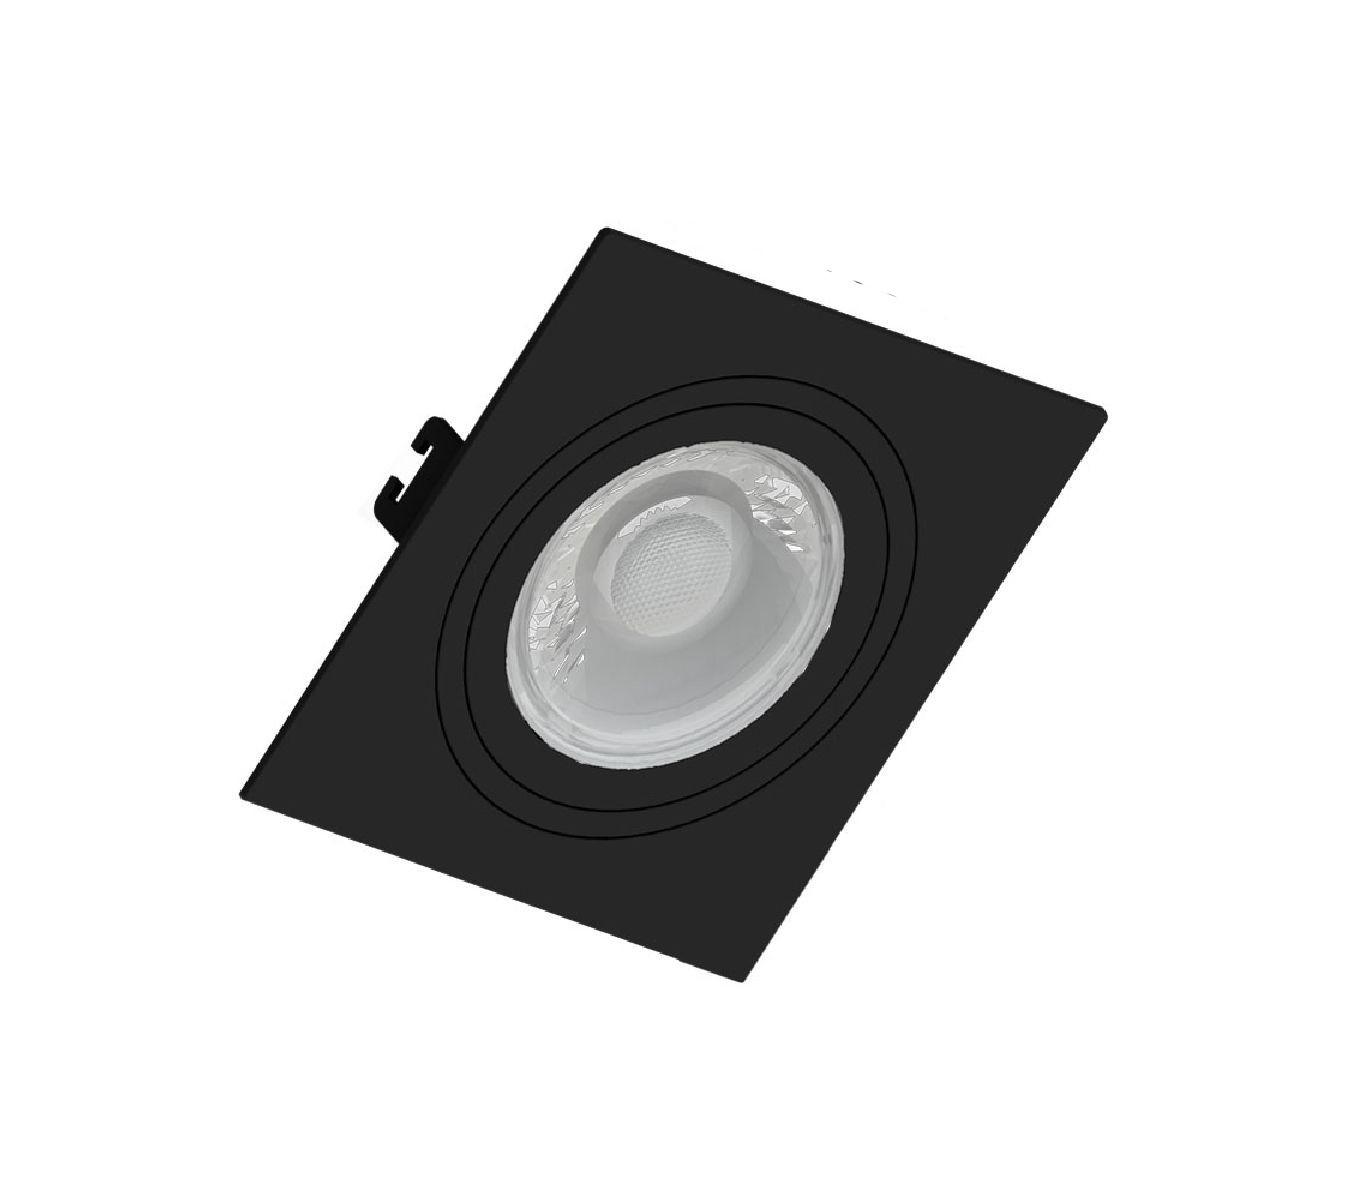 Spot de Embutir Dicroica Quadrado Orientável MR16 Face Plana Preto